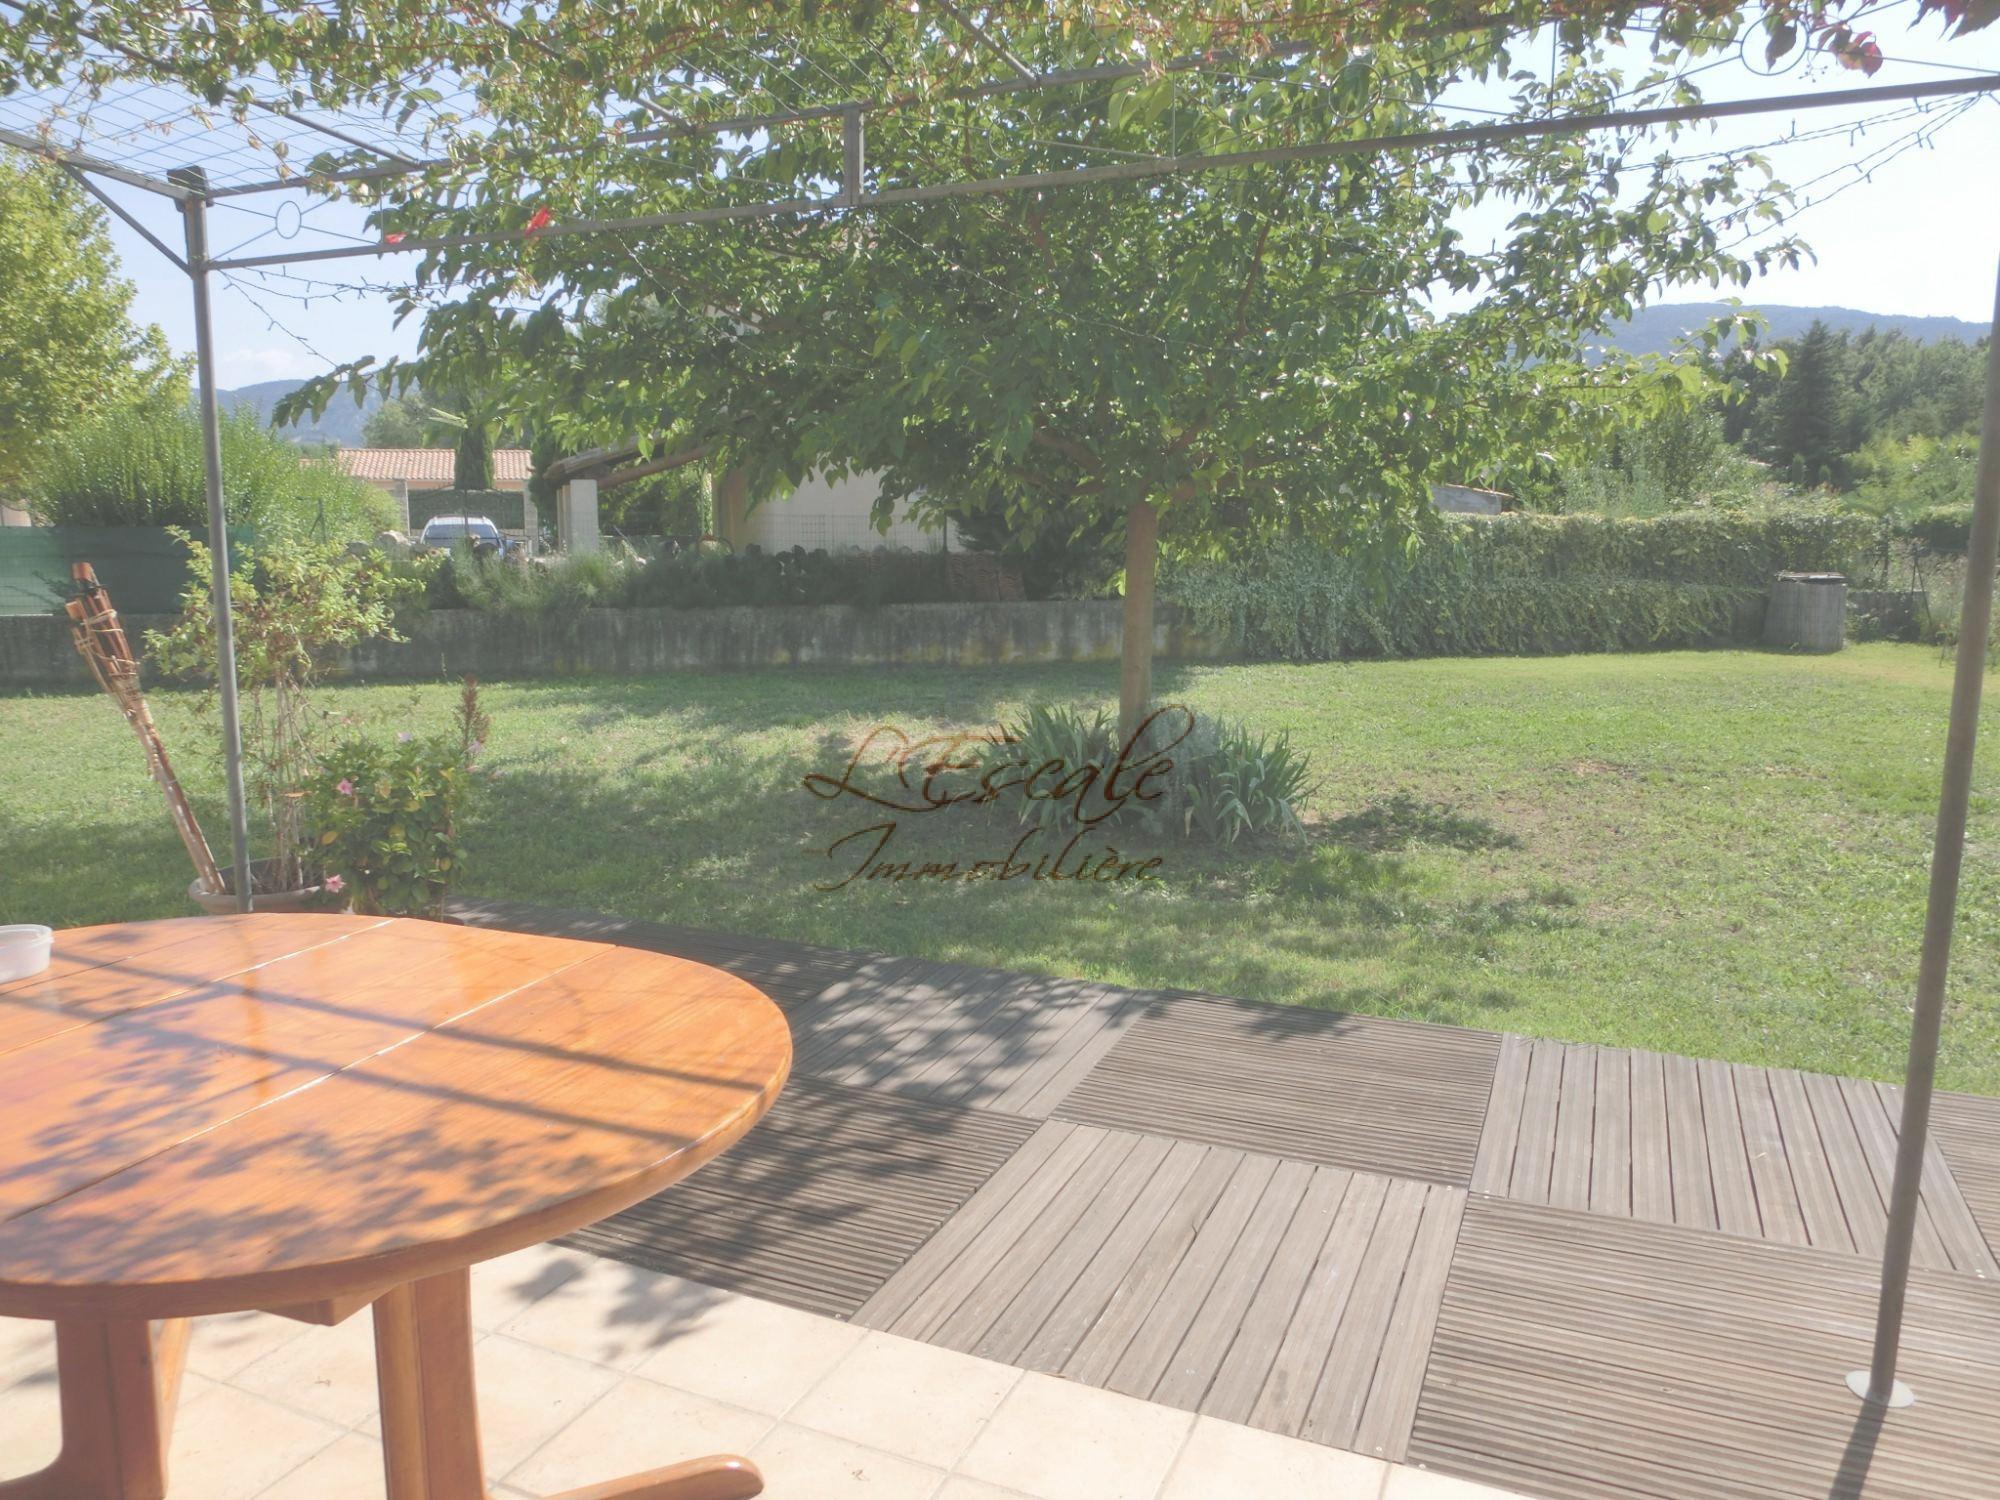 Locations maison de plain pied t4 f4 opp de villa de type - Location maison ou appartement avec jardin ...